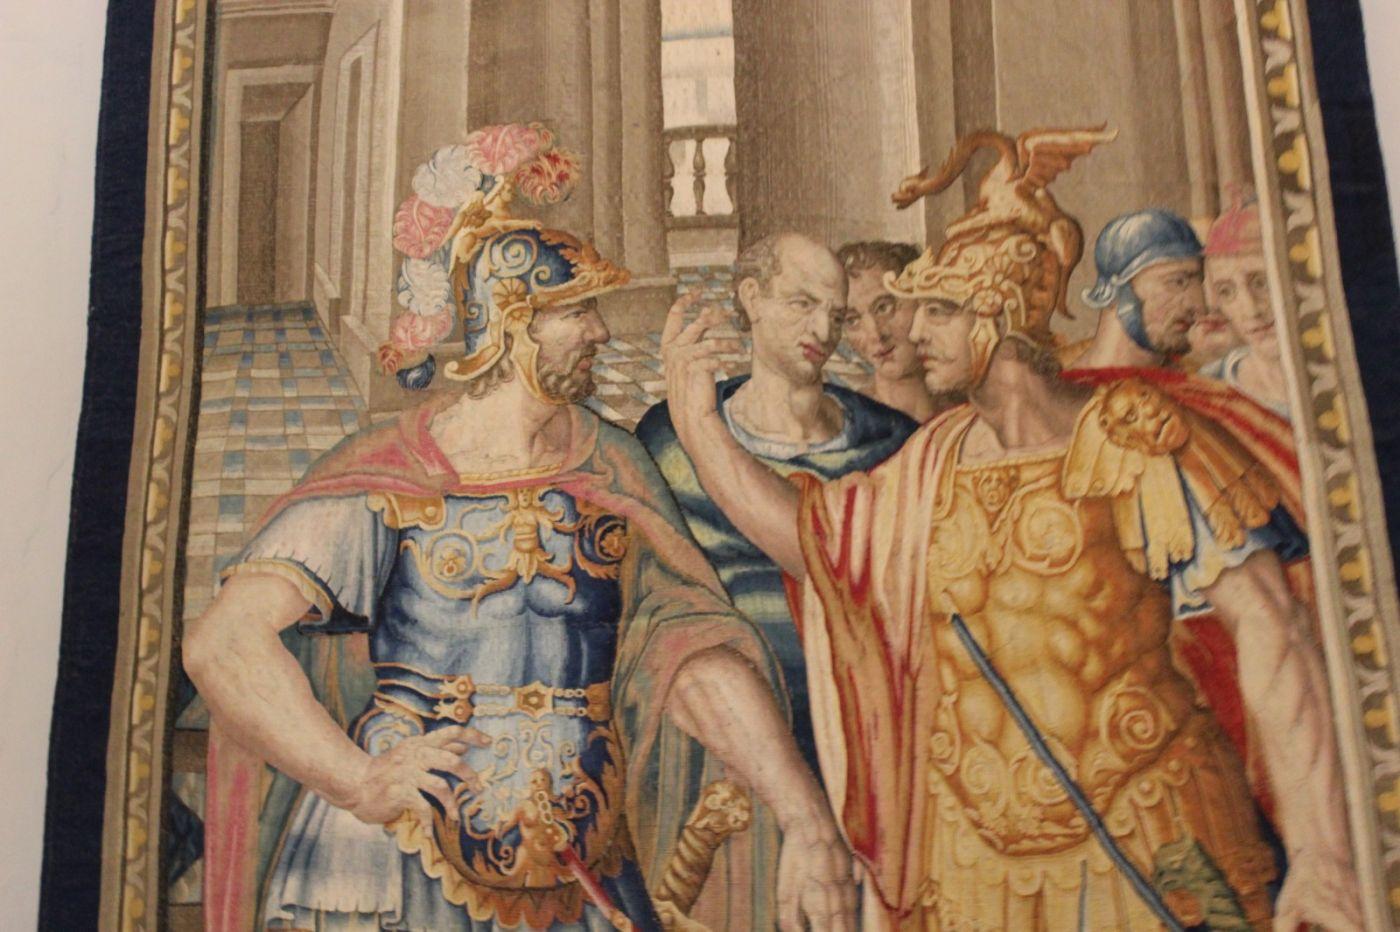 上帝之城:梵蒂冈印象_图1-21